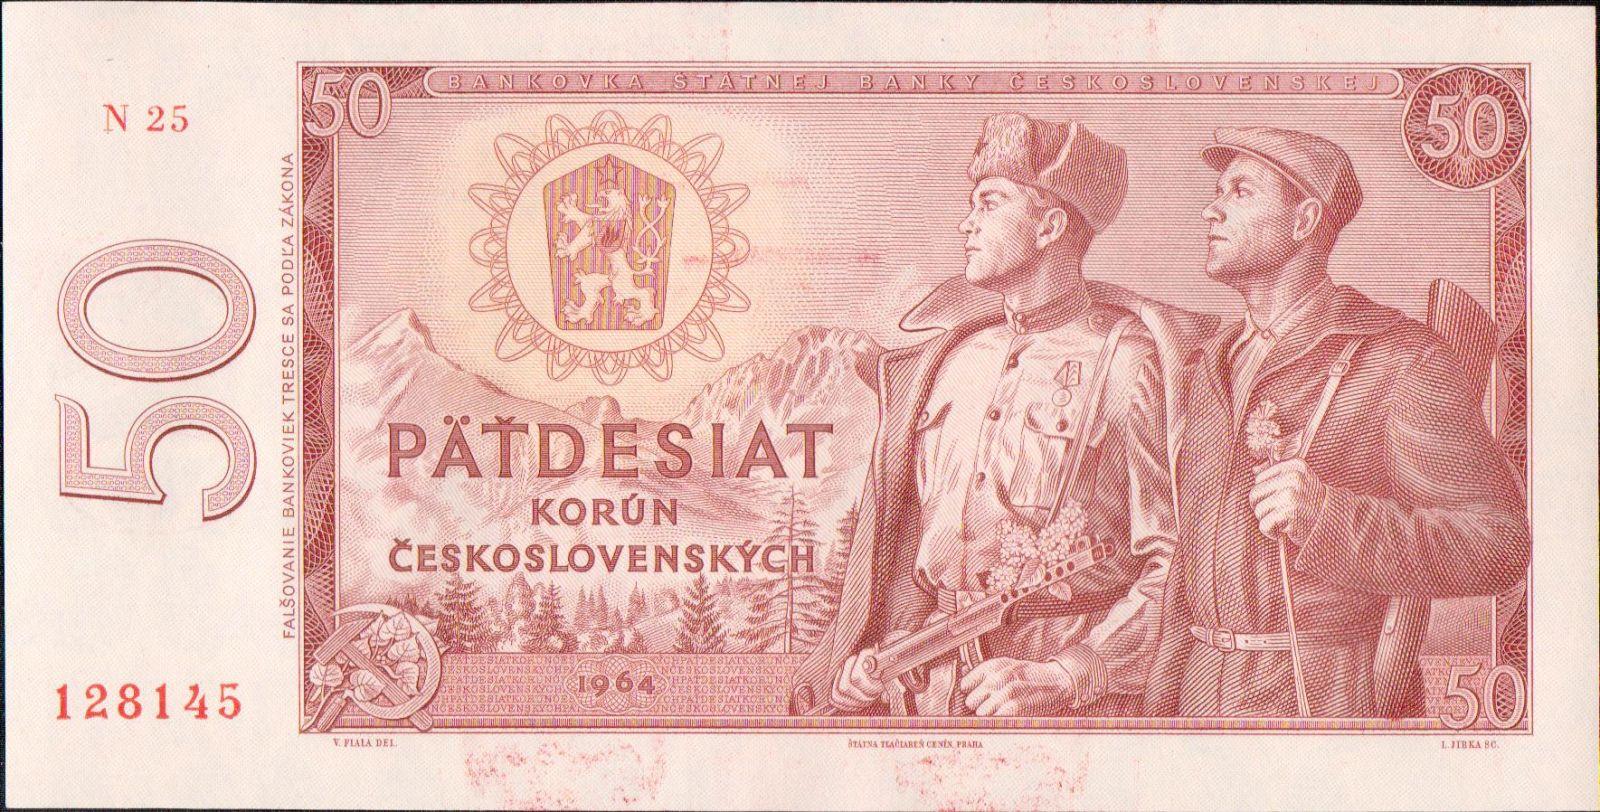 50Kčs/1964/, stav UNC, série N